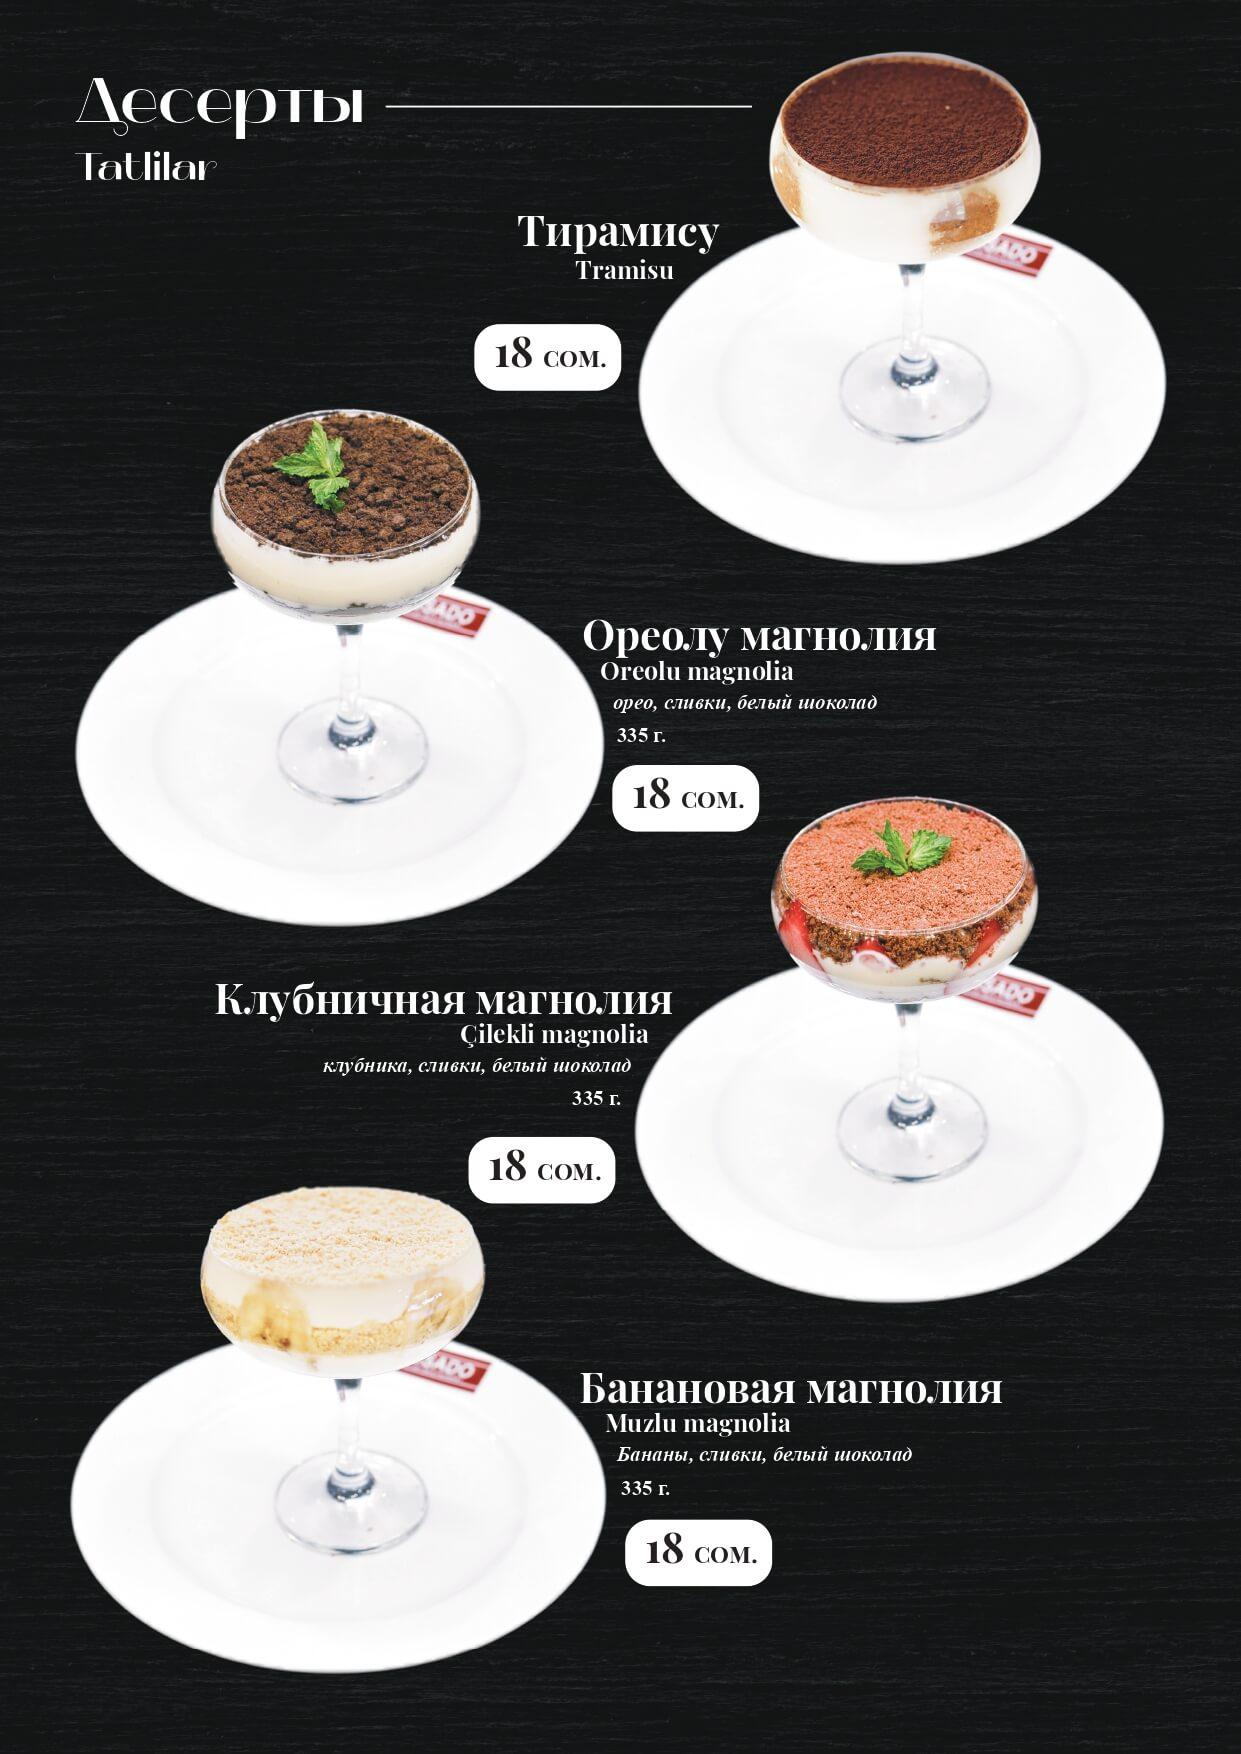 Assado_menu_page-0033